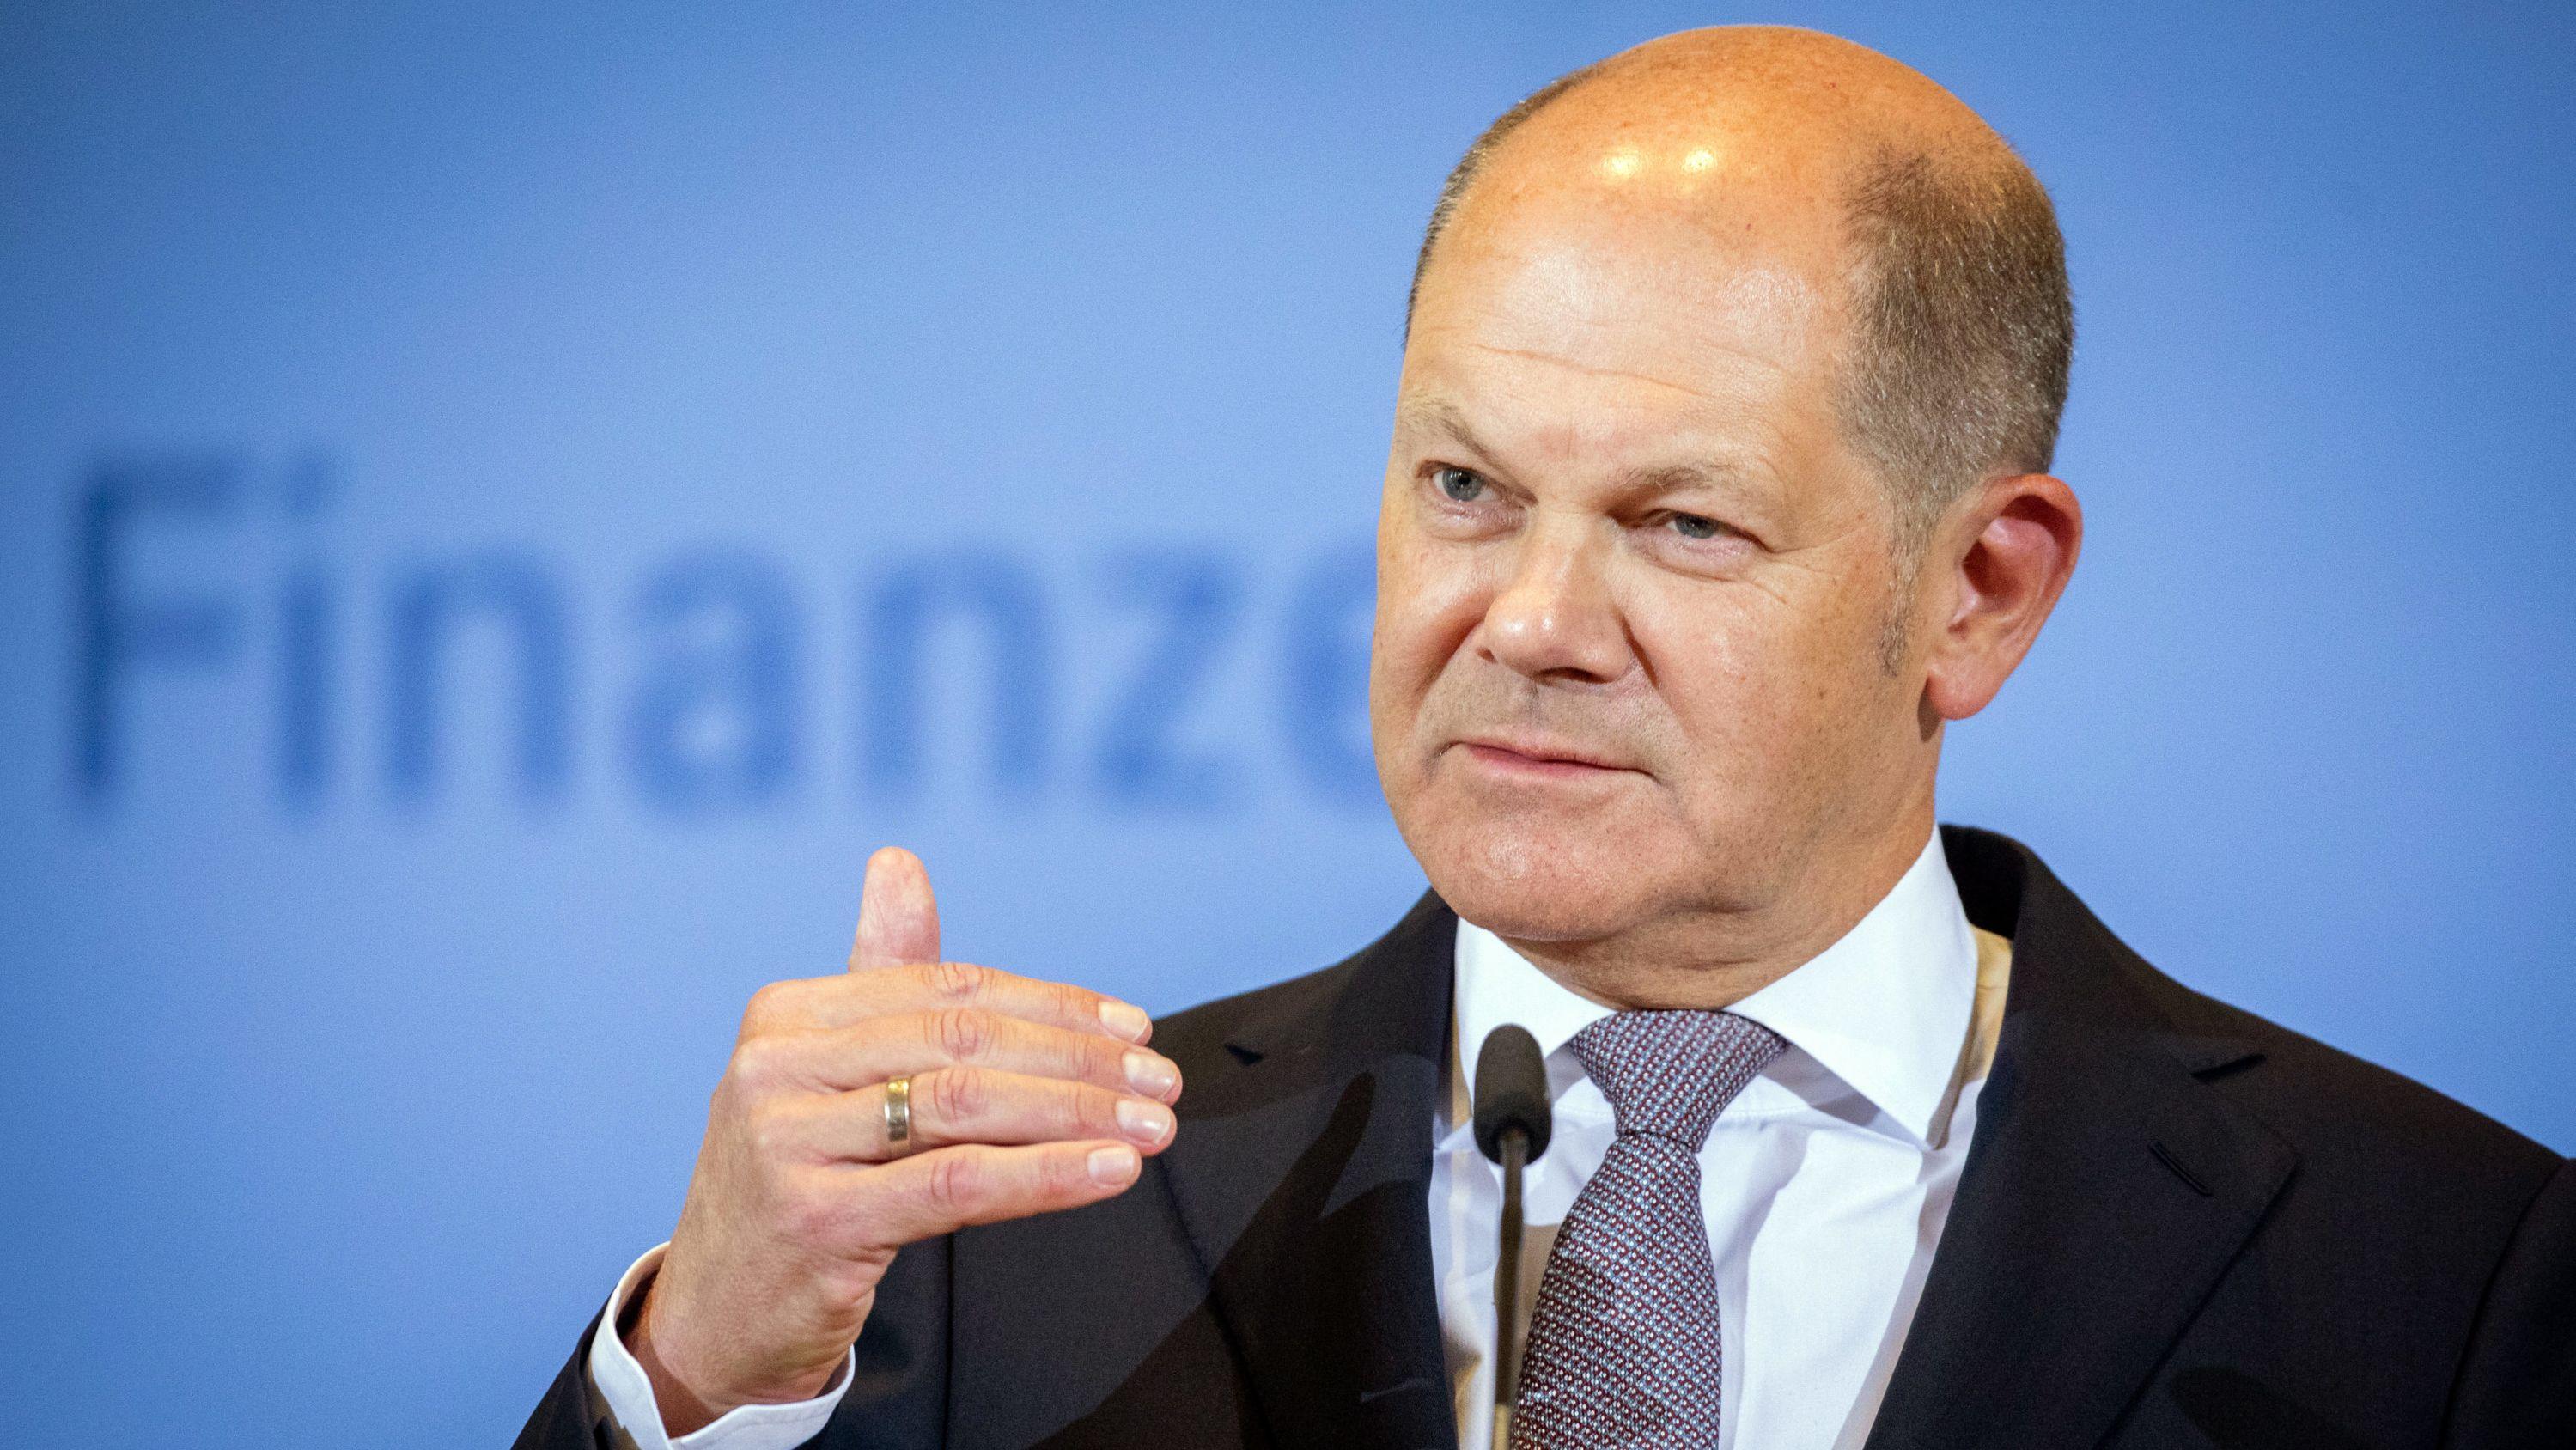 Olaf Scholz (SPD), Bundesminister der Finanzen, spricht auf einer Pressekonferenz in seinem Ministerium zu den Medienvertretern